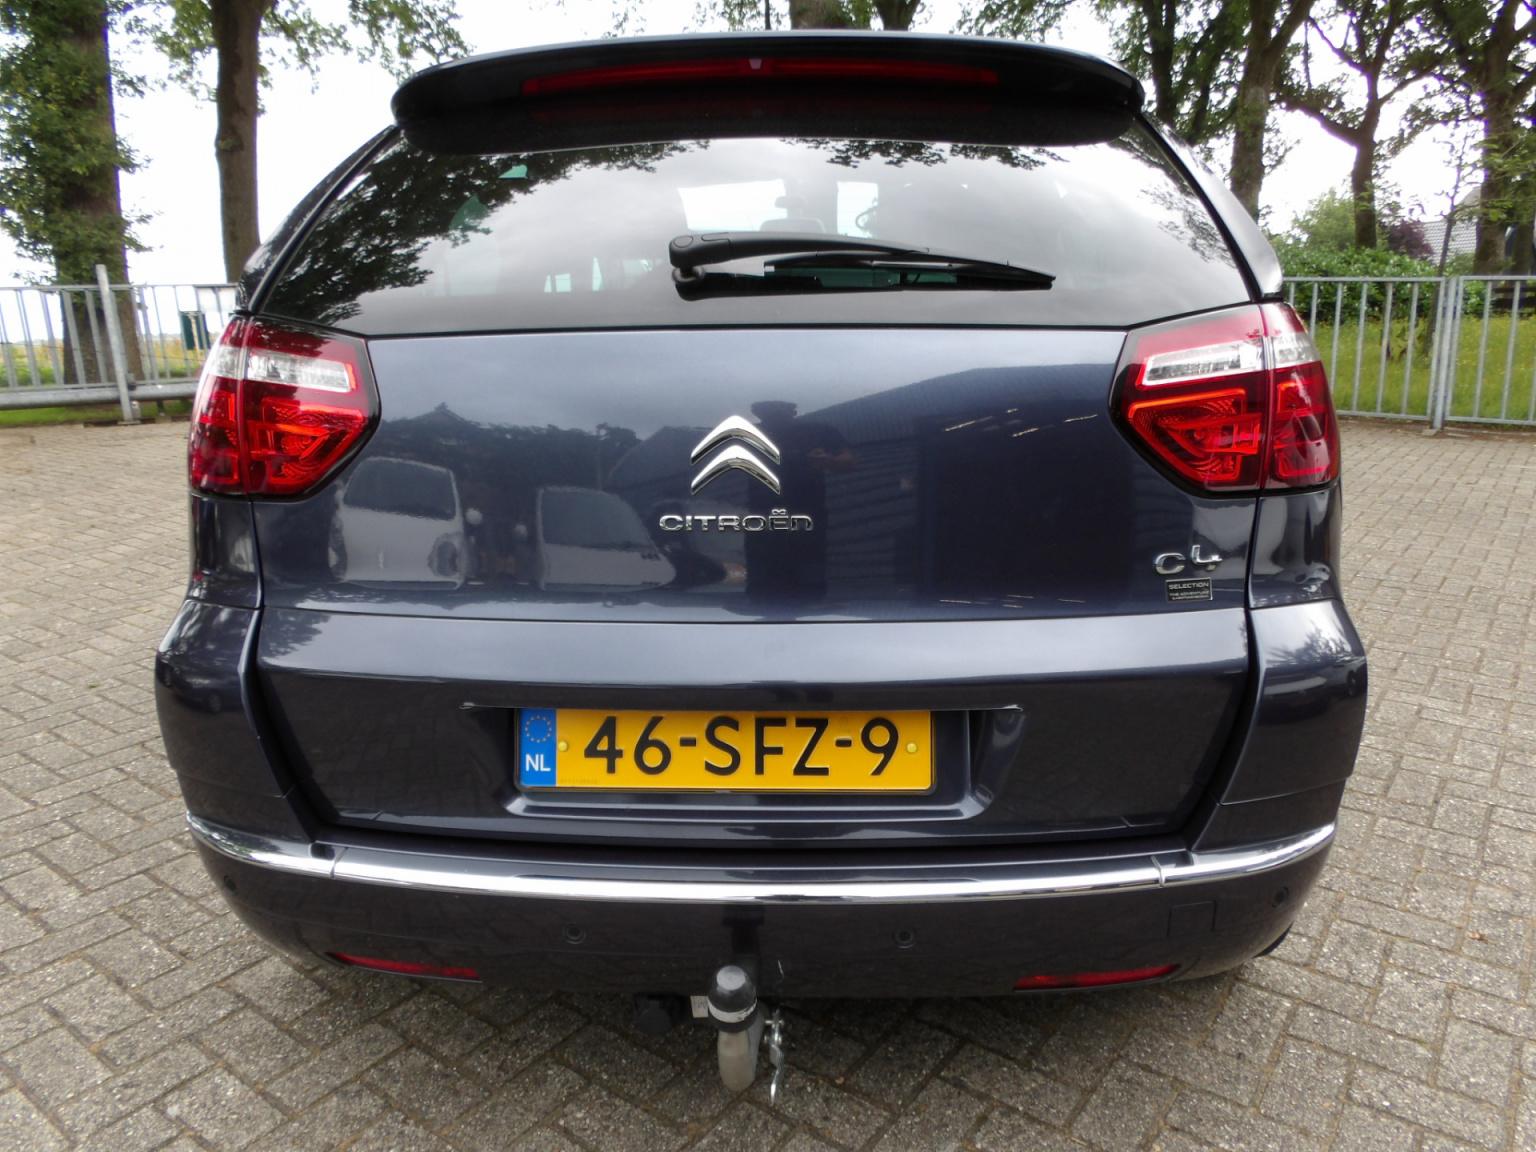 Citroën-C4 Picasso-3